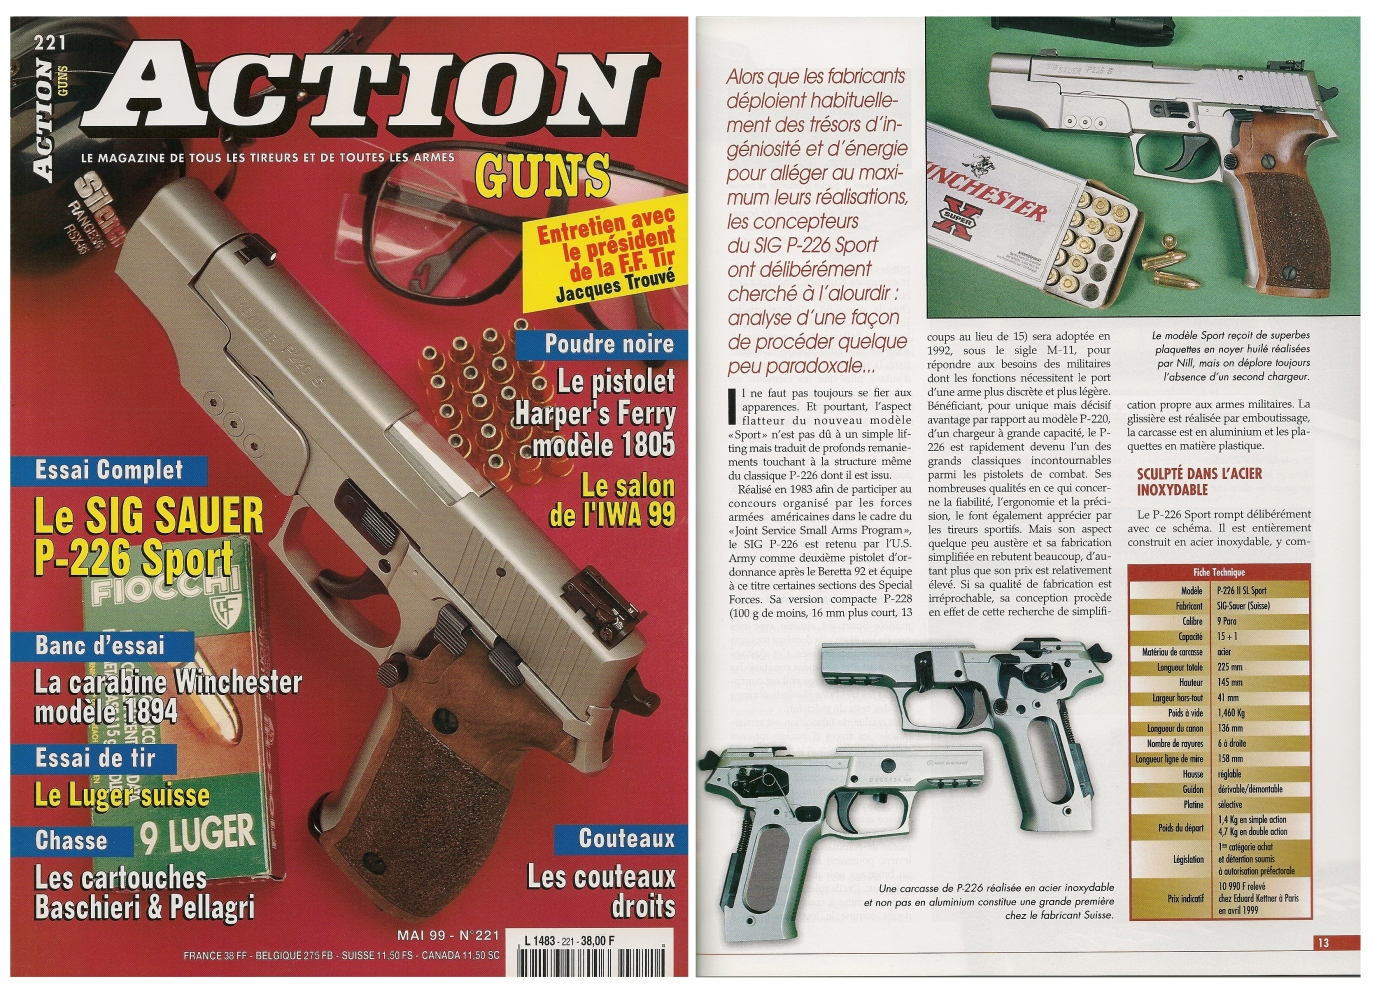 Le banc d'essai du pistolet Sig-Sauer P-226 « Sport » a été publié sur 7 pages dans le magazine Action Guns n°221 (mai 1999).